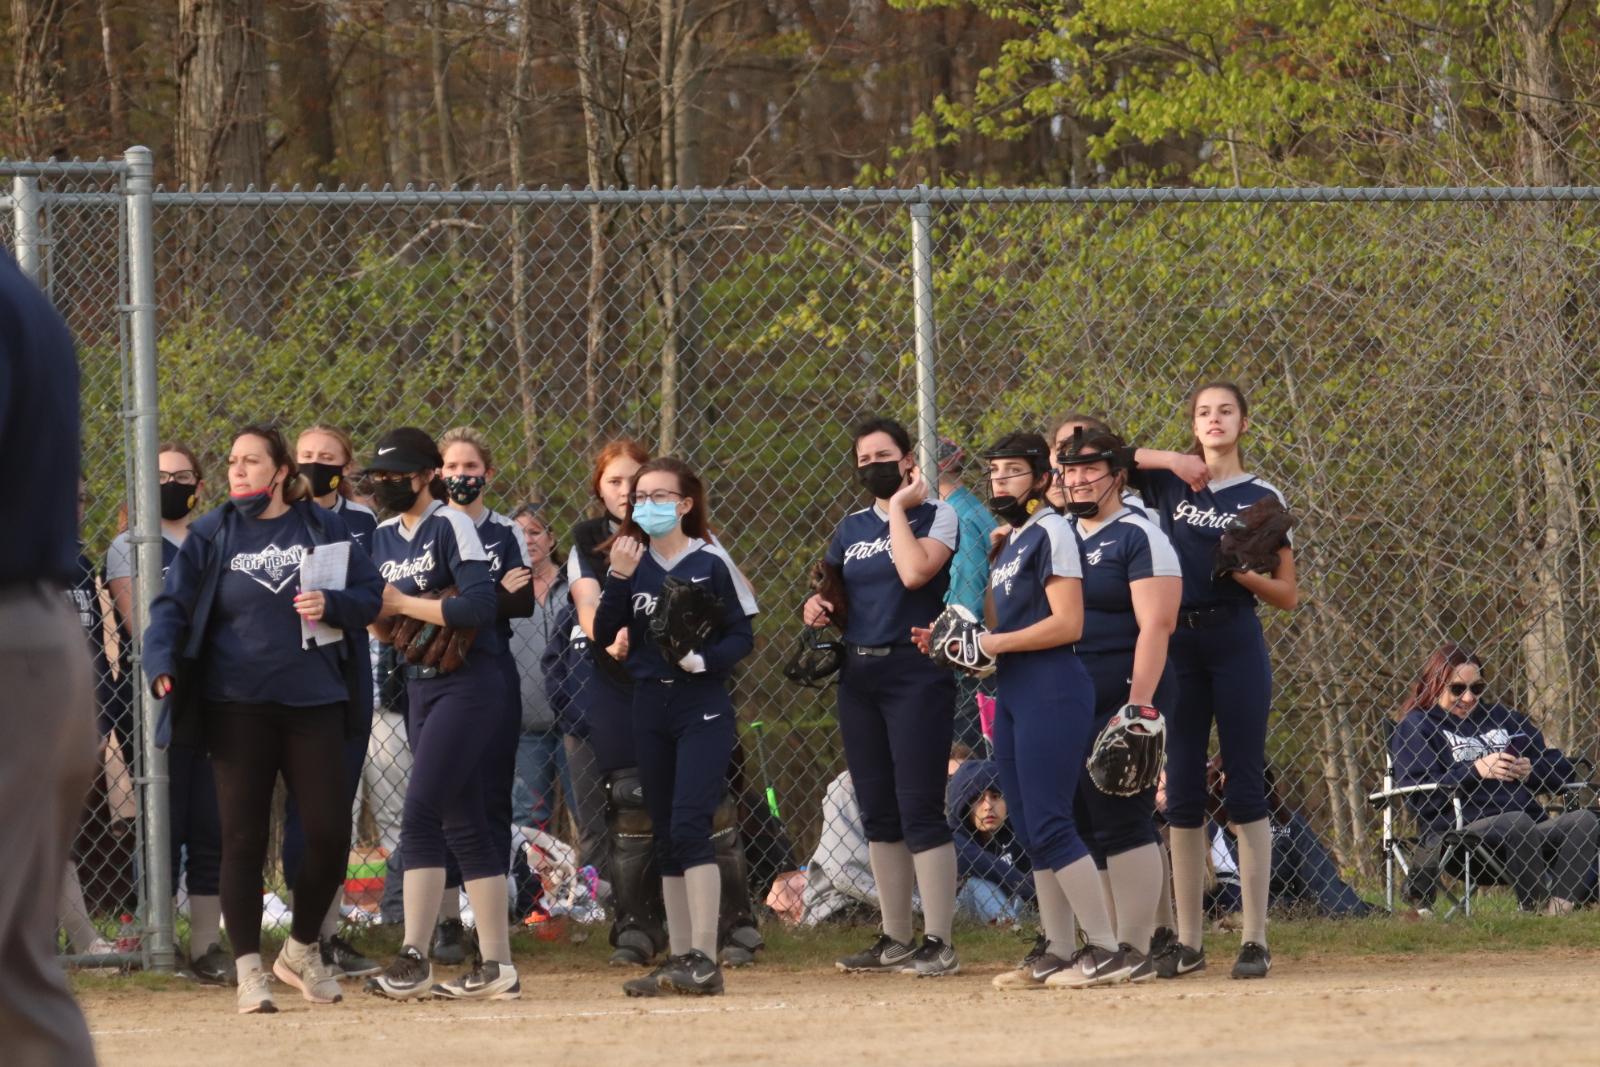 Softball Action Pics